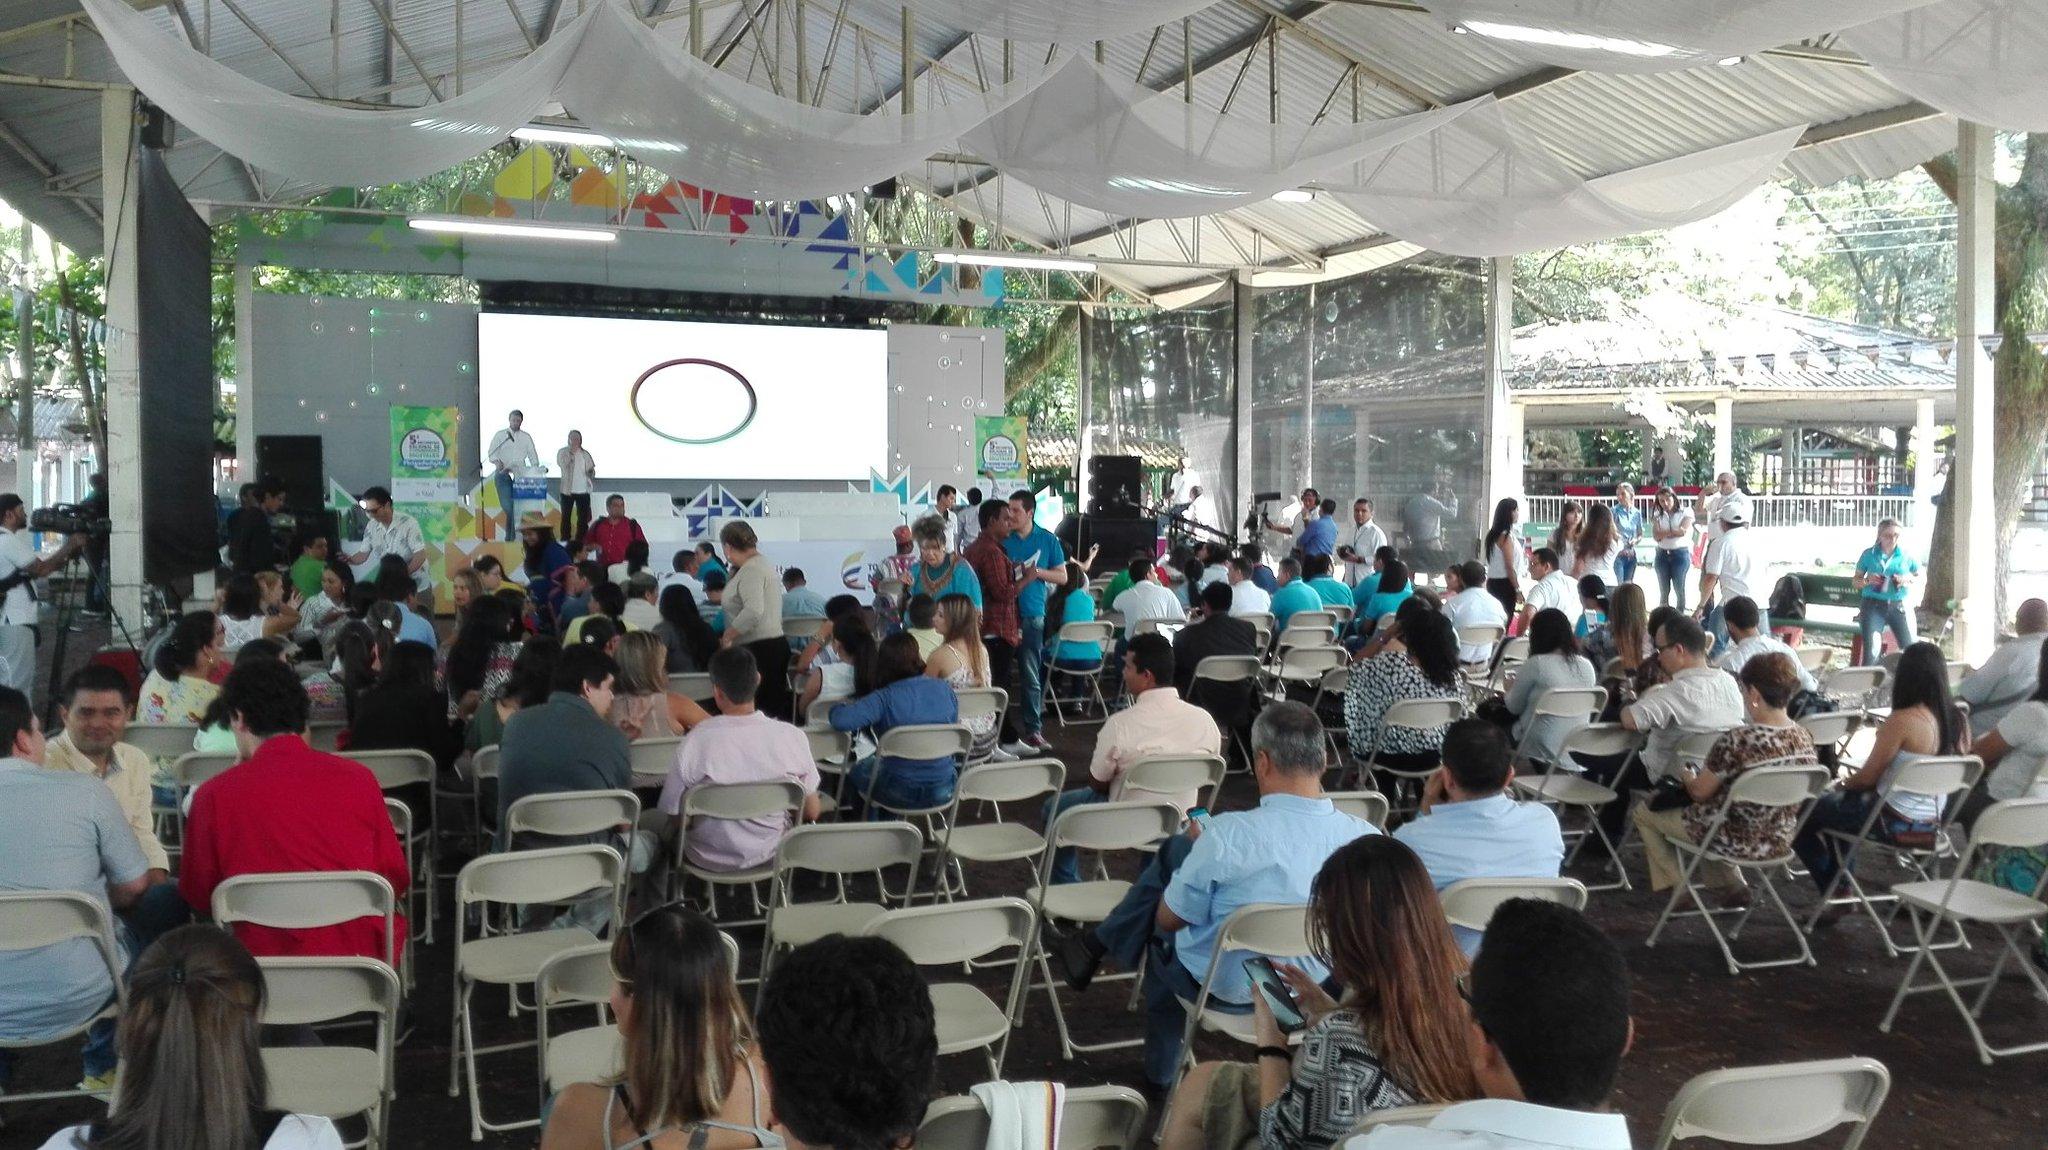 A minutos de dar inicio al 5° Encuentro Nacional de Comunidades Digitales en Tulua. Conversaremos con #CD2016 https://t.co/dk0ok9G8kd